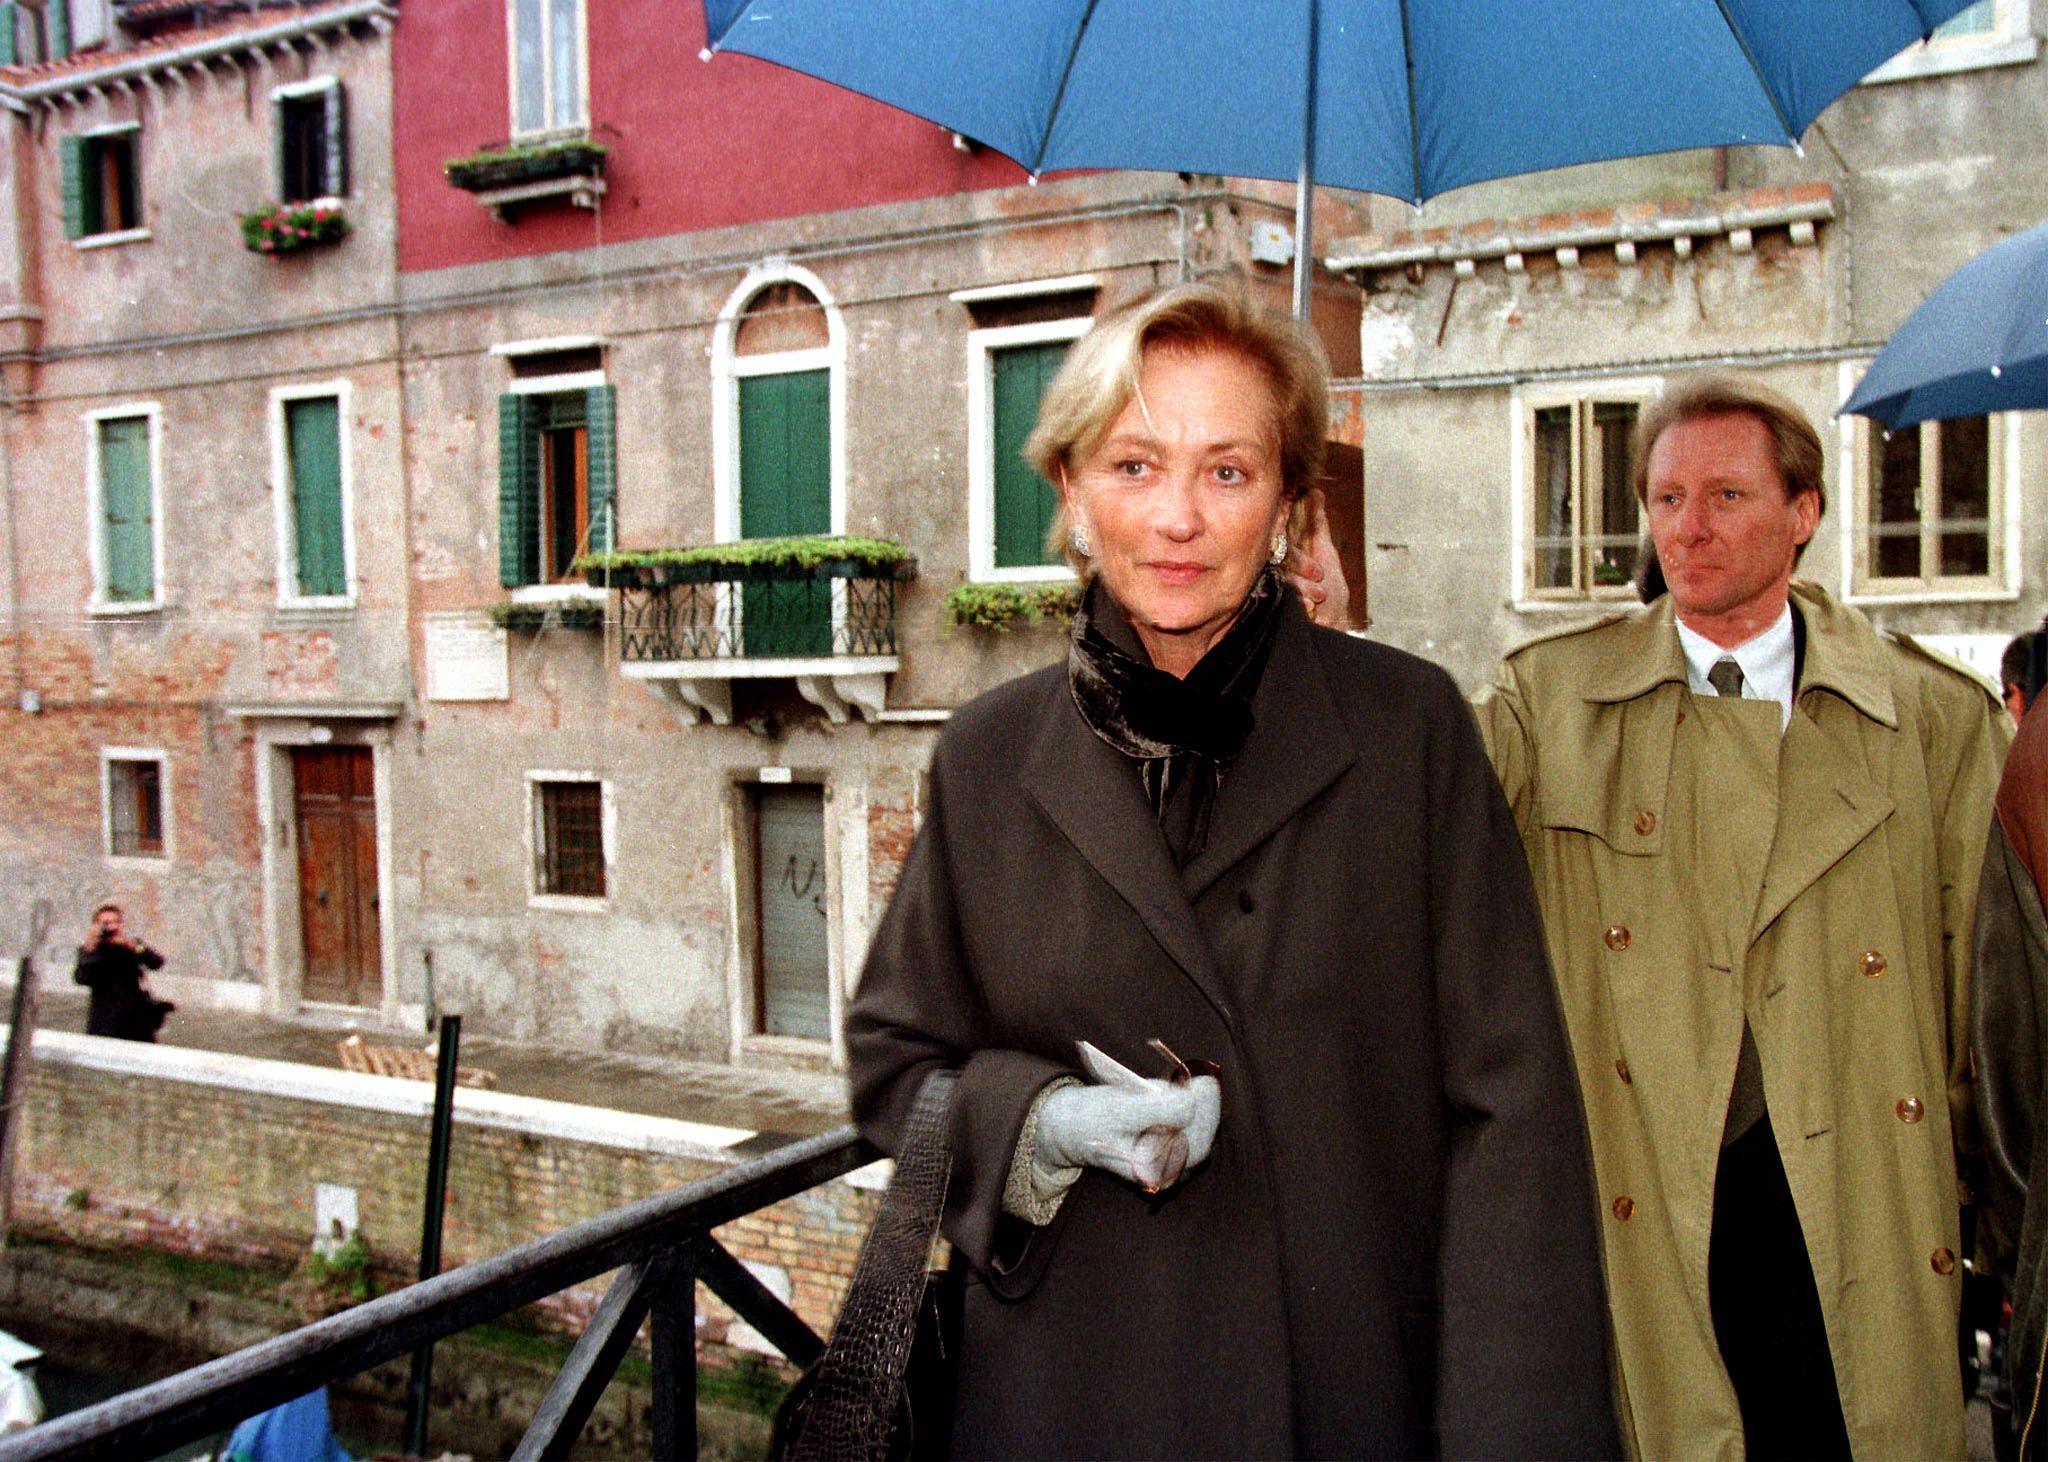 La regina Paola del Belgio è stata colpita da un ictus